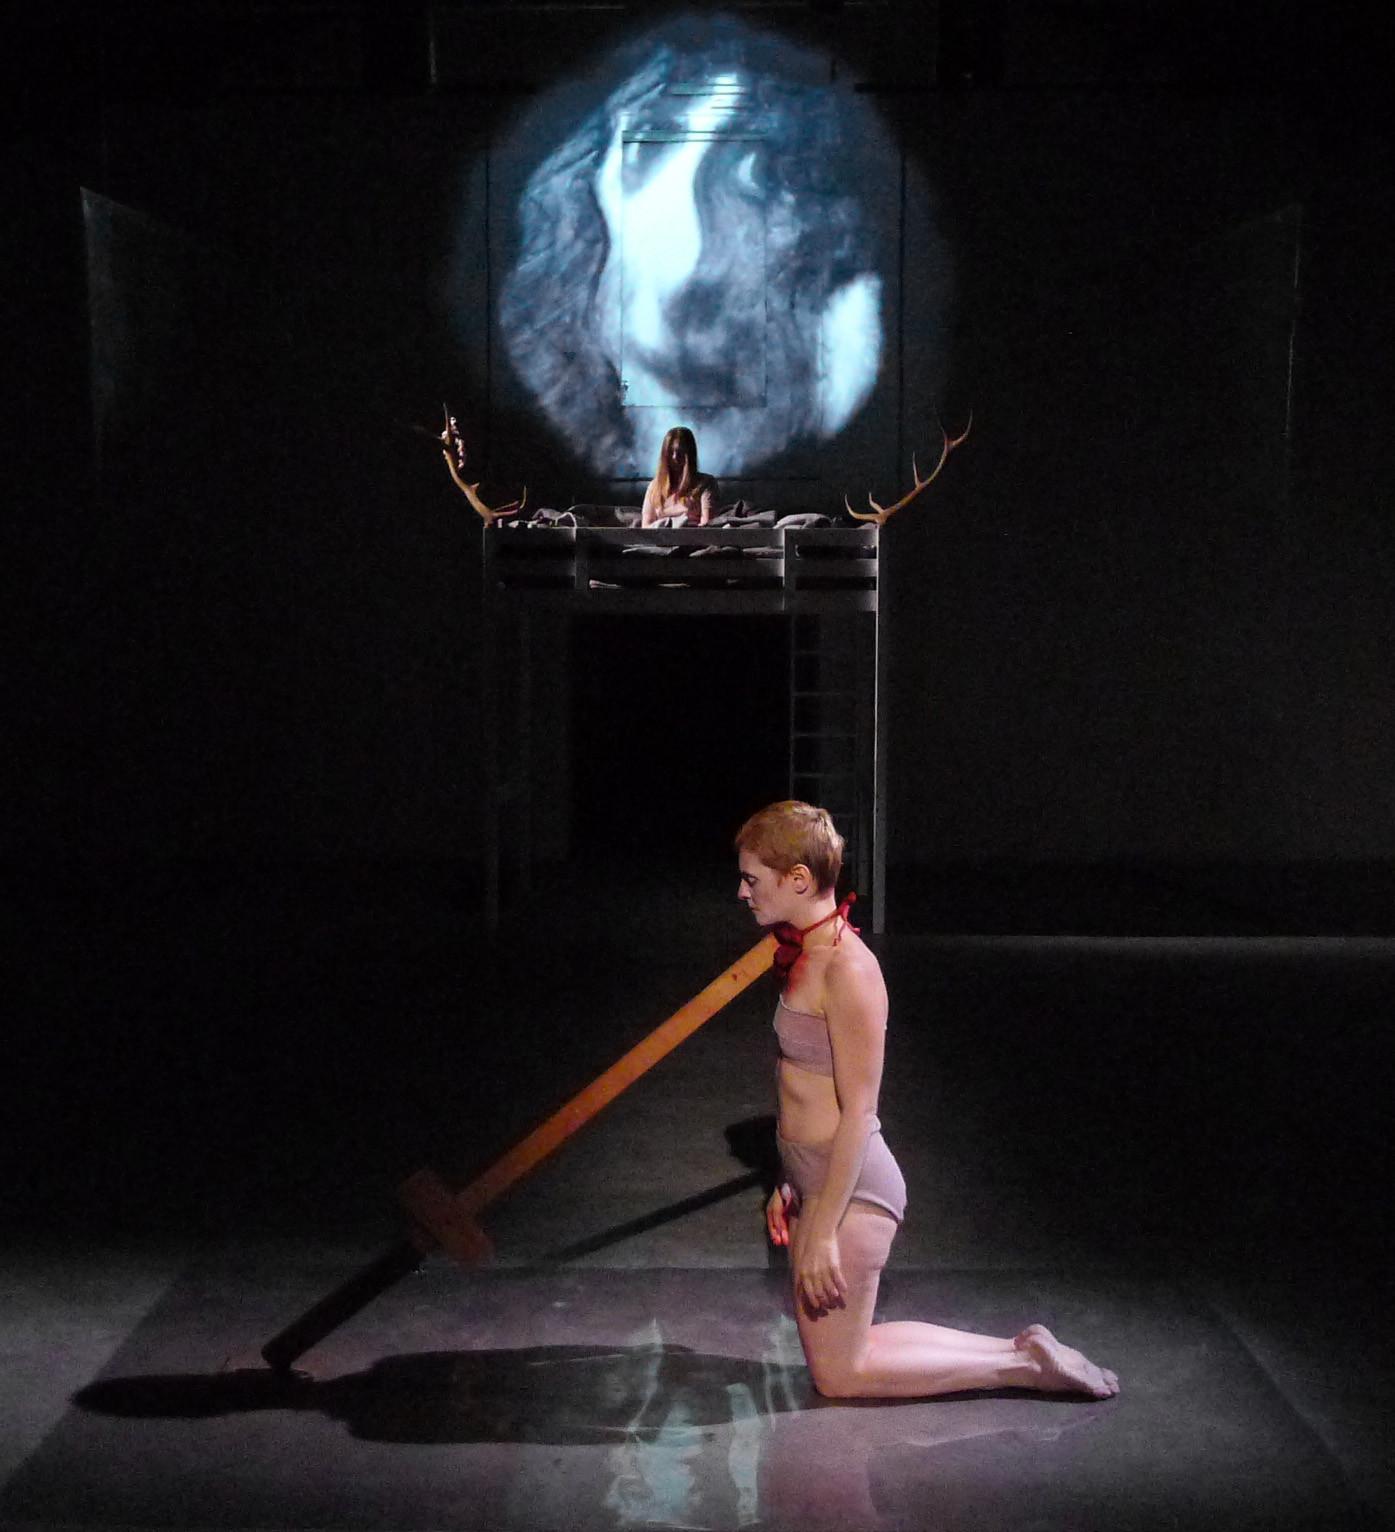 La violenza dell'uomo sulla donna: debutta in teatro Iphigenia in Aulide di Lenz Fondazione